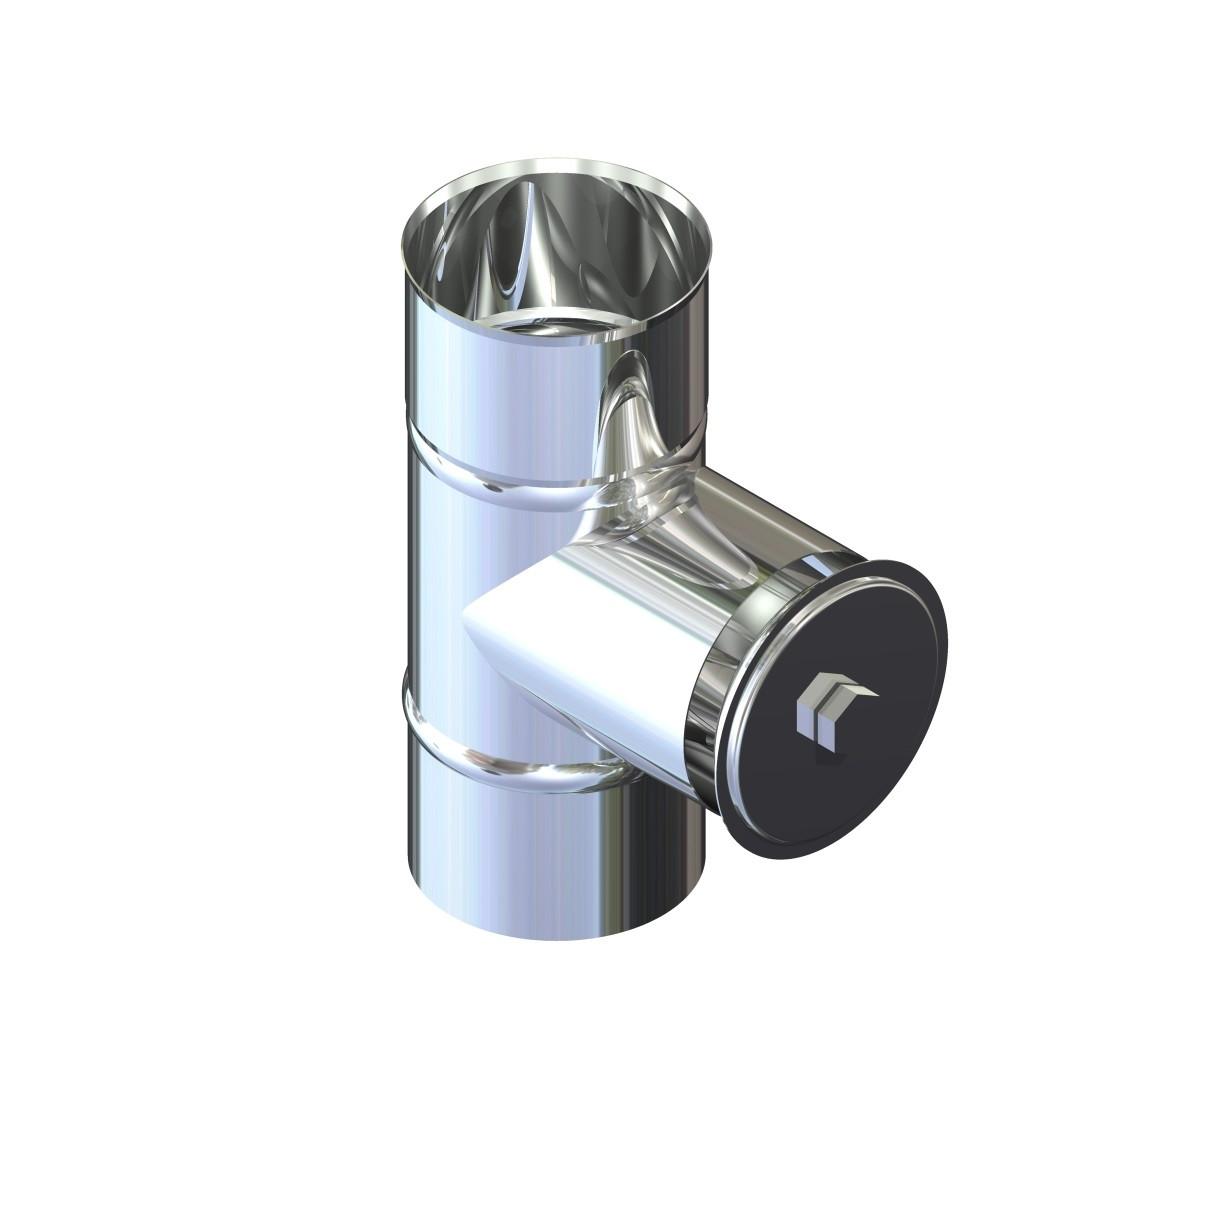 Ревизия дымоходная нержавейка D-160 мм толщина 0,6 мм